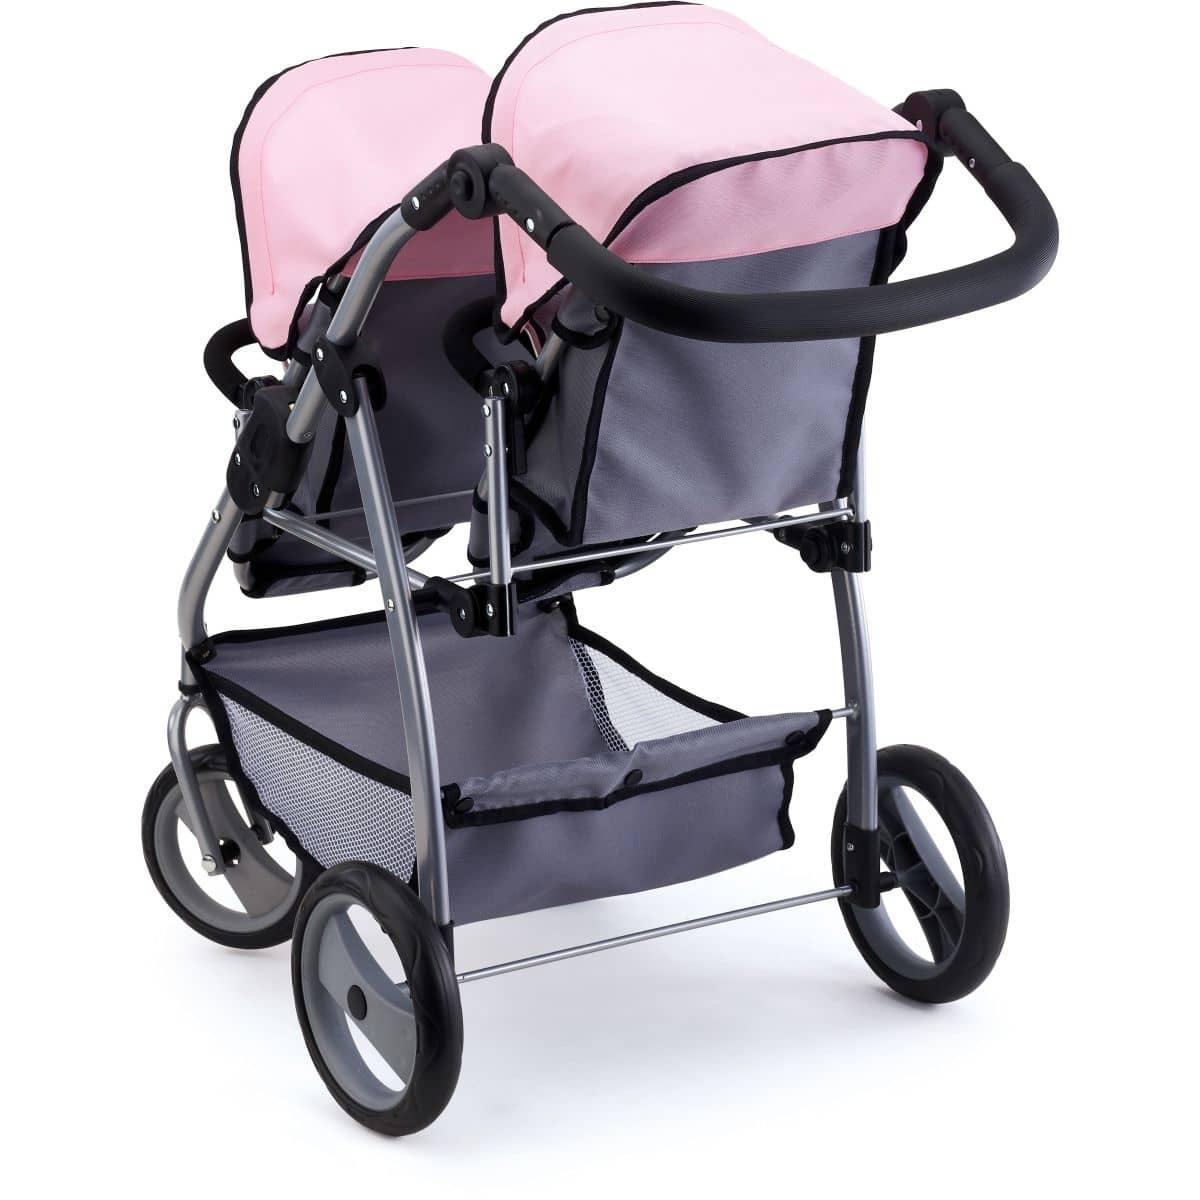 zwillings puppenwagen rosa grau bayer design g nstig. Black Bedroom Furniture Sets. Home Design Ideas